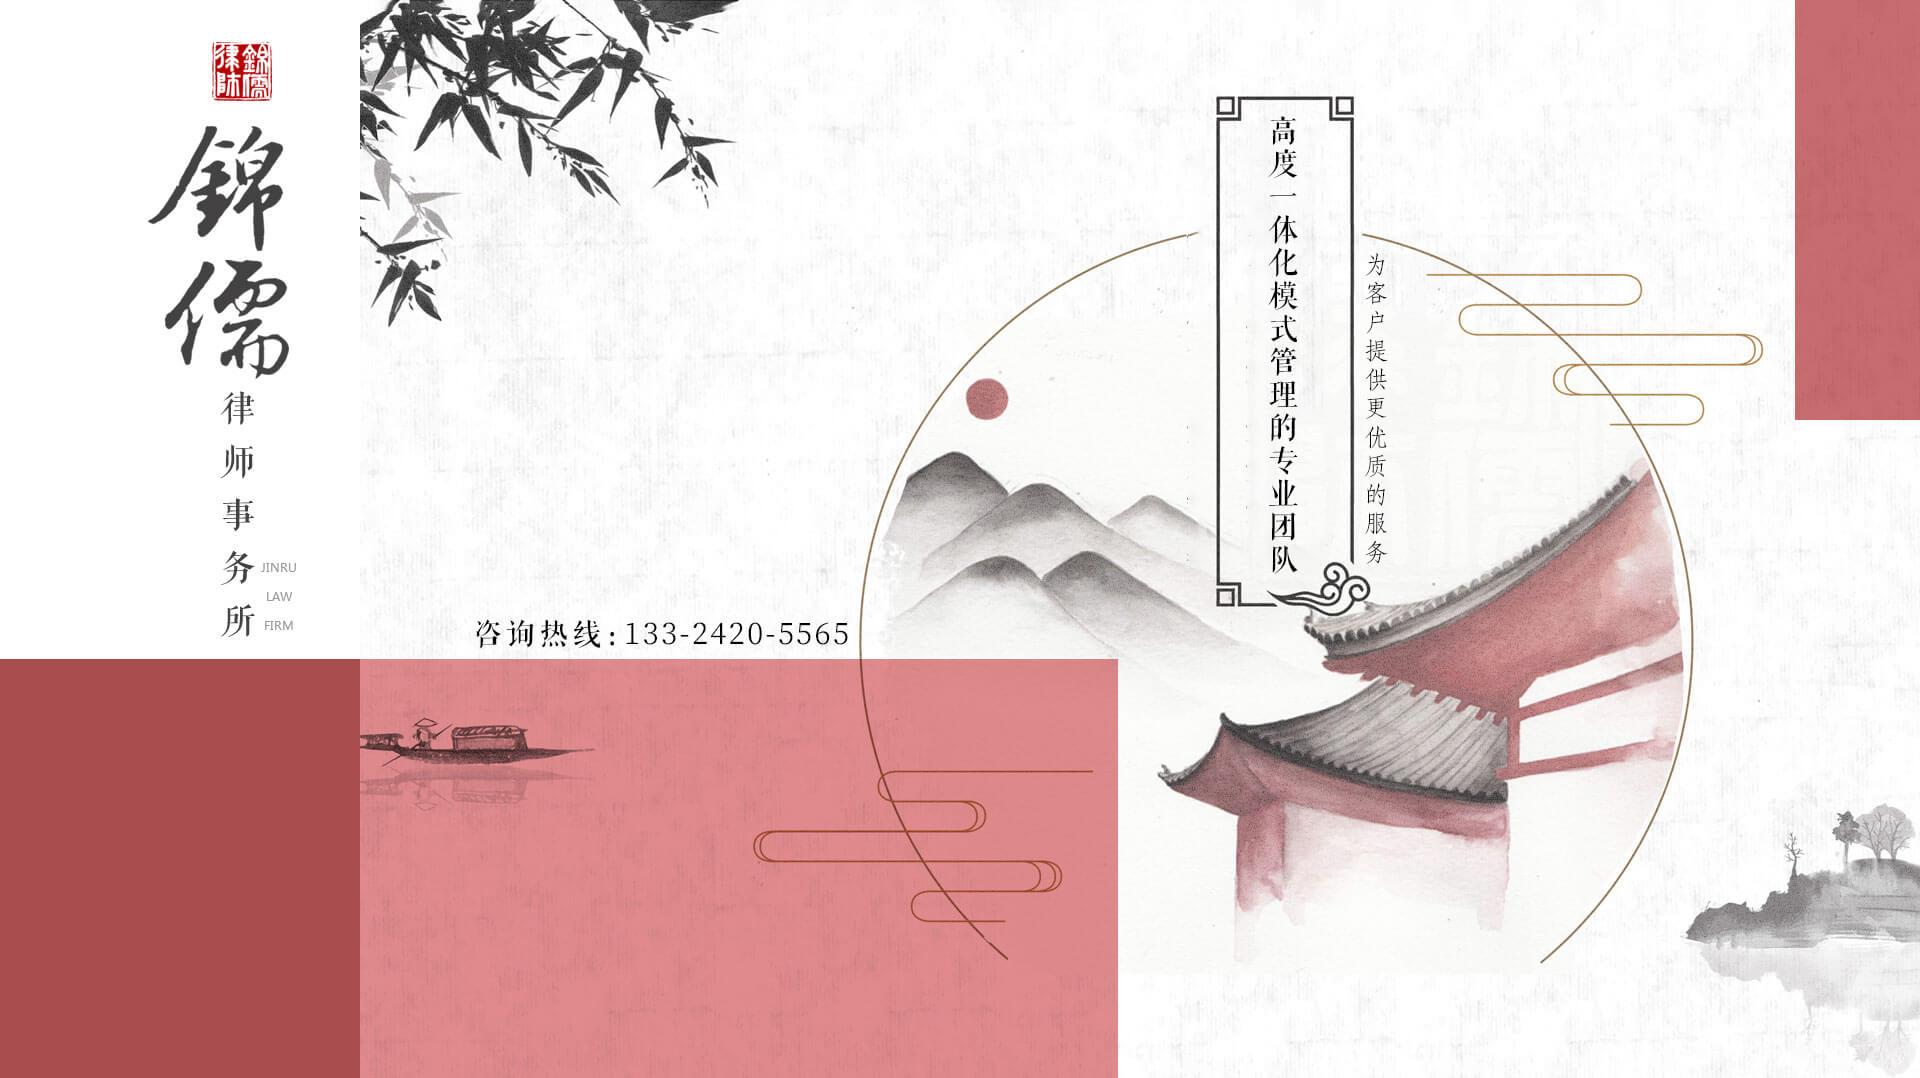 辽宁锦儒精英团队